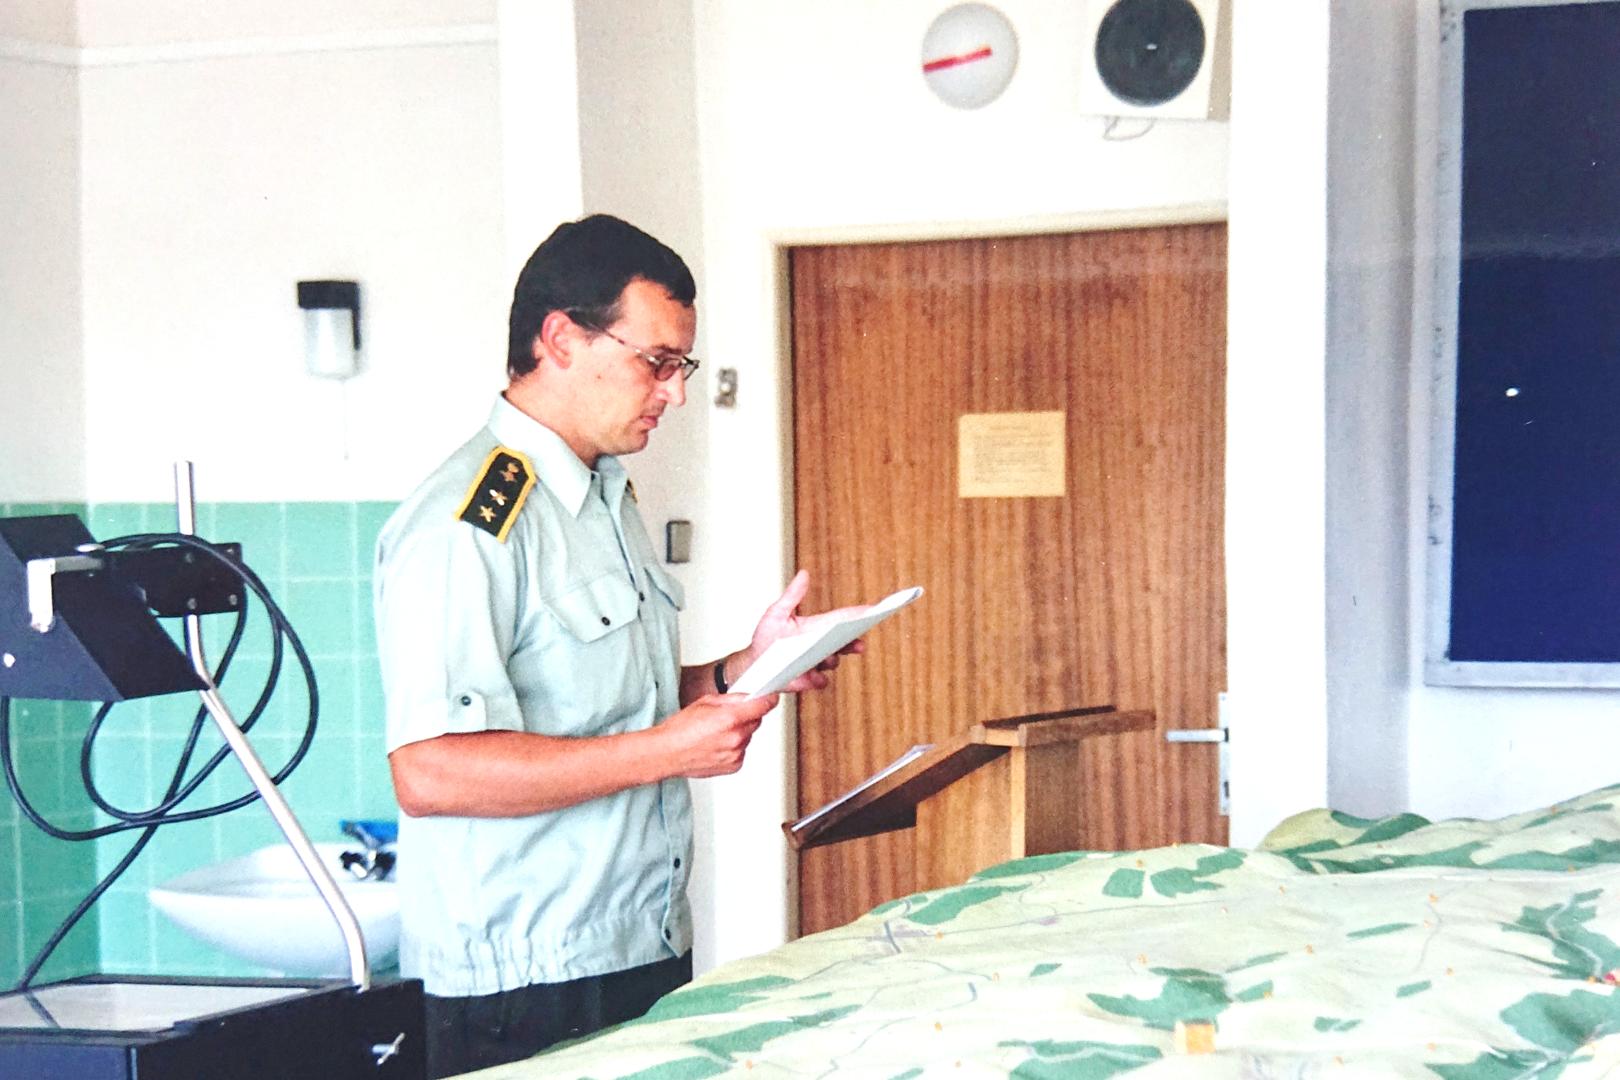 vzdelávanie projektových manažérov Petr Všetečka 1